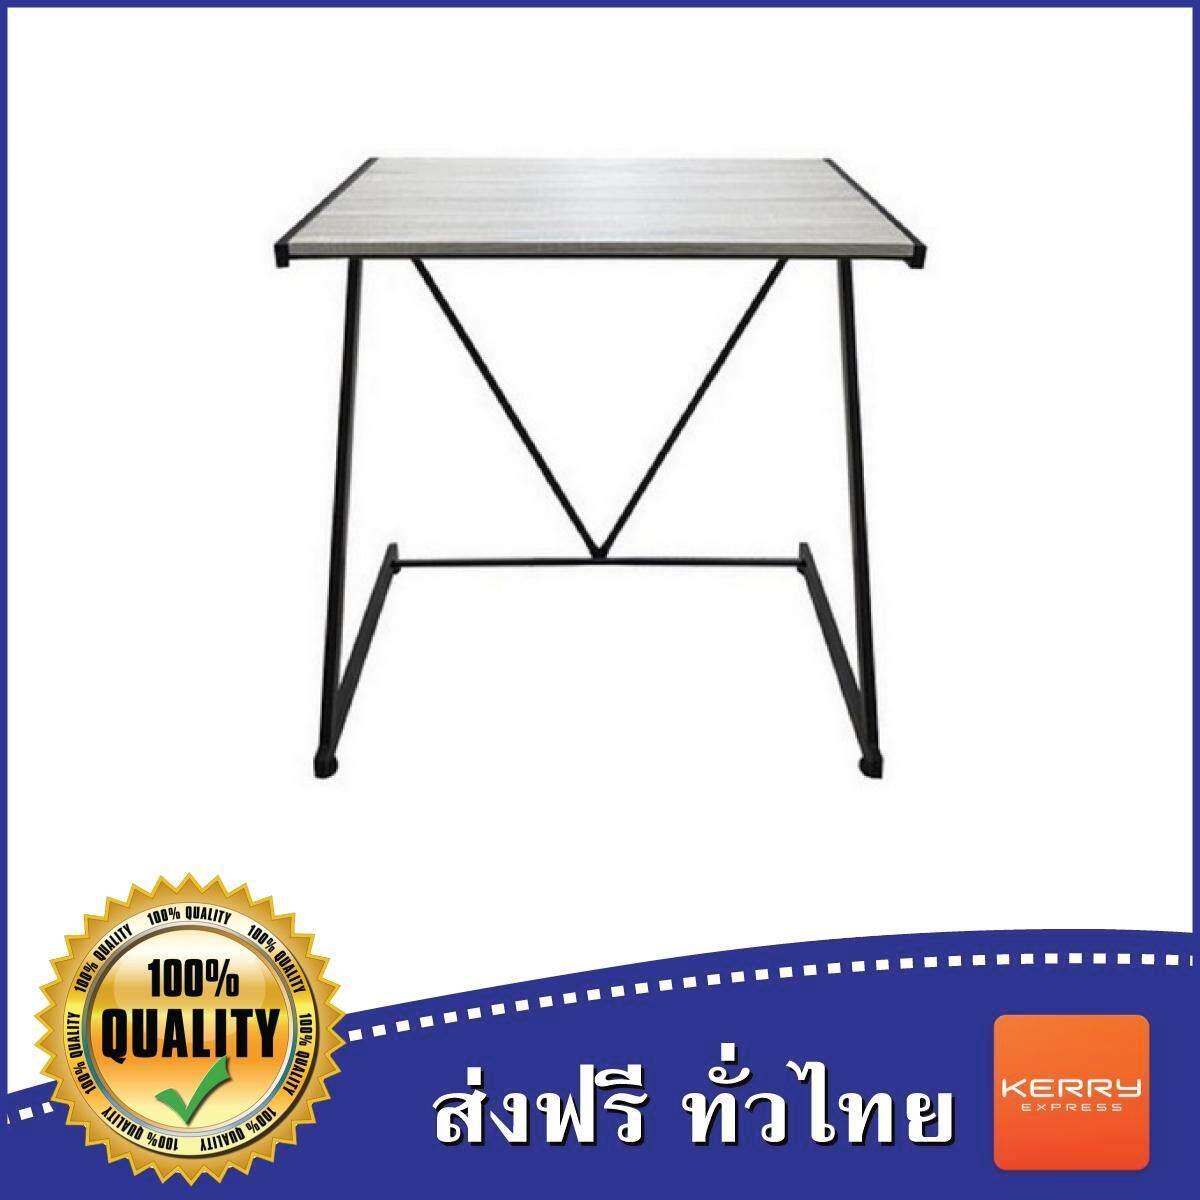 สุดยอดสินค้า!! โต๊ะเอนกประสงค์ โต๊ะพับวางของ โต๊ะพับเอนกประสงค์ โต๊ะพับขาเหล็ก โต๊ะพับได้ โต๊ะพับขายของ โครงสร้างแข็งแรง ทนทาน FOLDING TABLE BROWN โต๊ะอเนกประสงค์ CLICK LY-N0208 สีน้ำตาล ส่ง kerry เก็